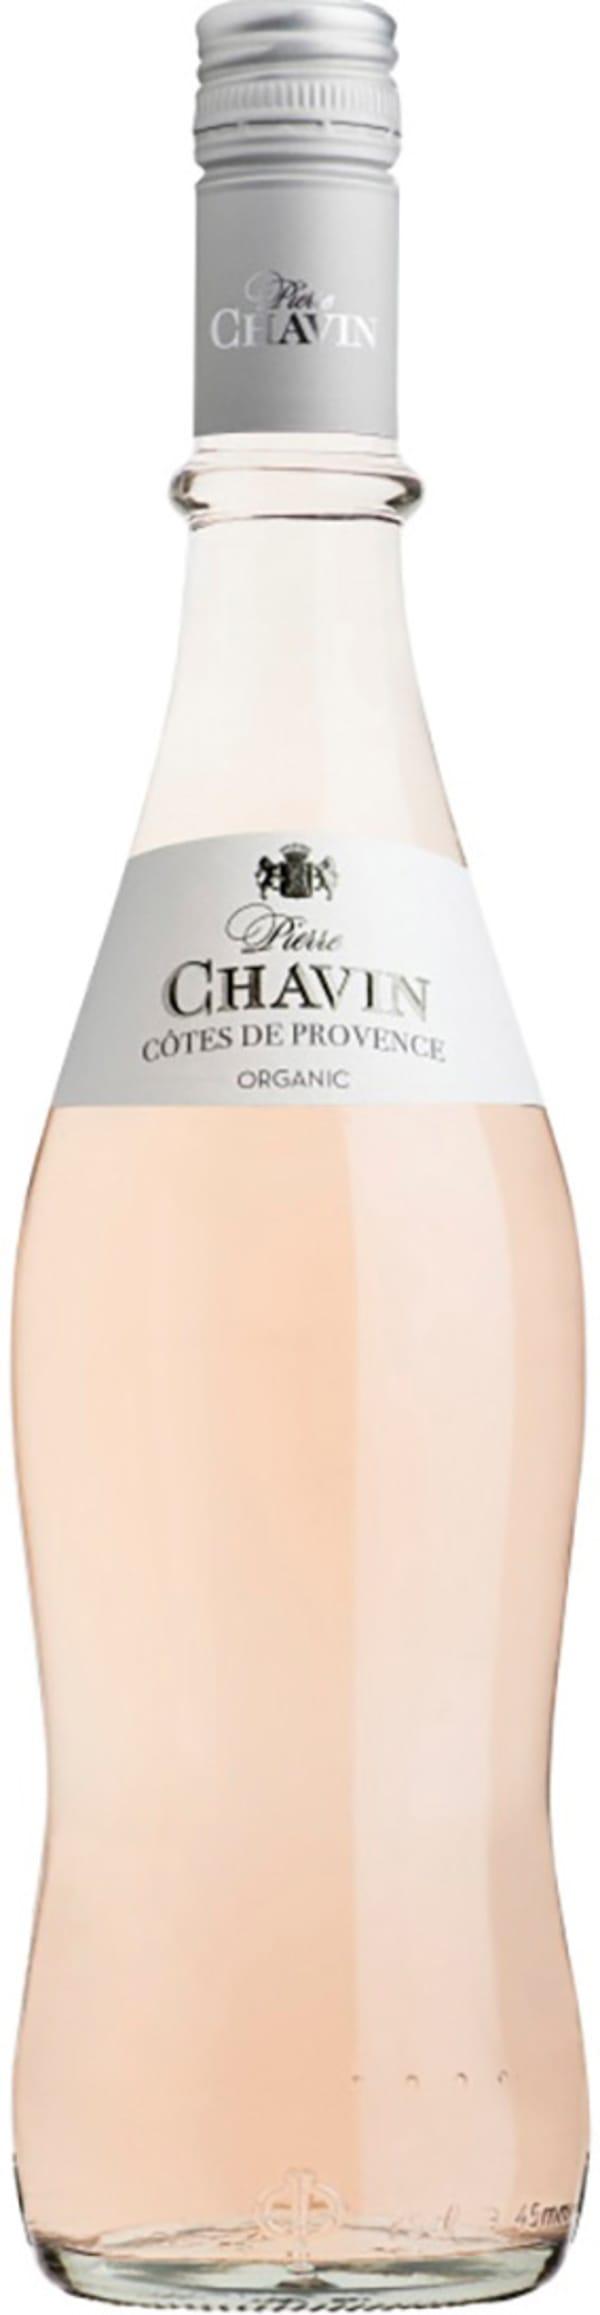 Pierre Chavin Côtes de Provence Organic 2020